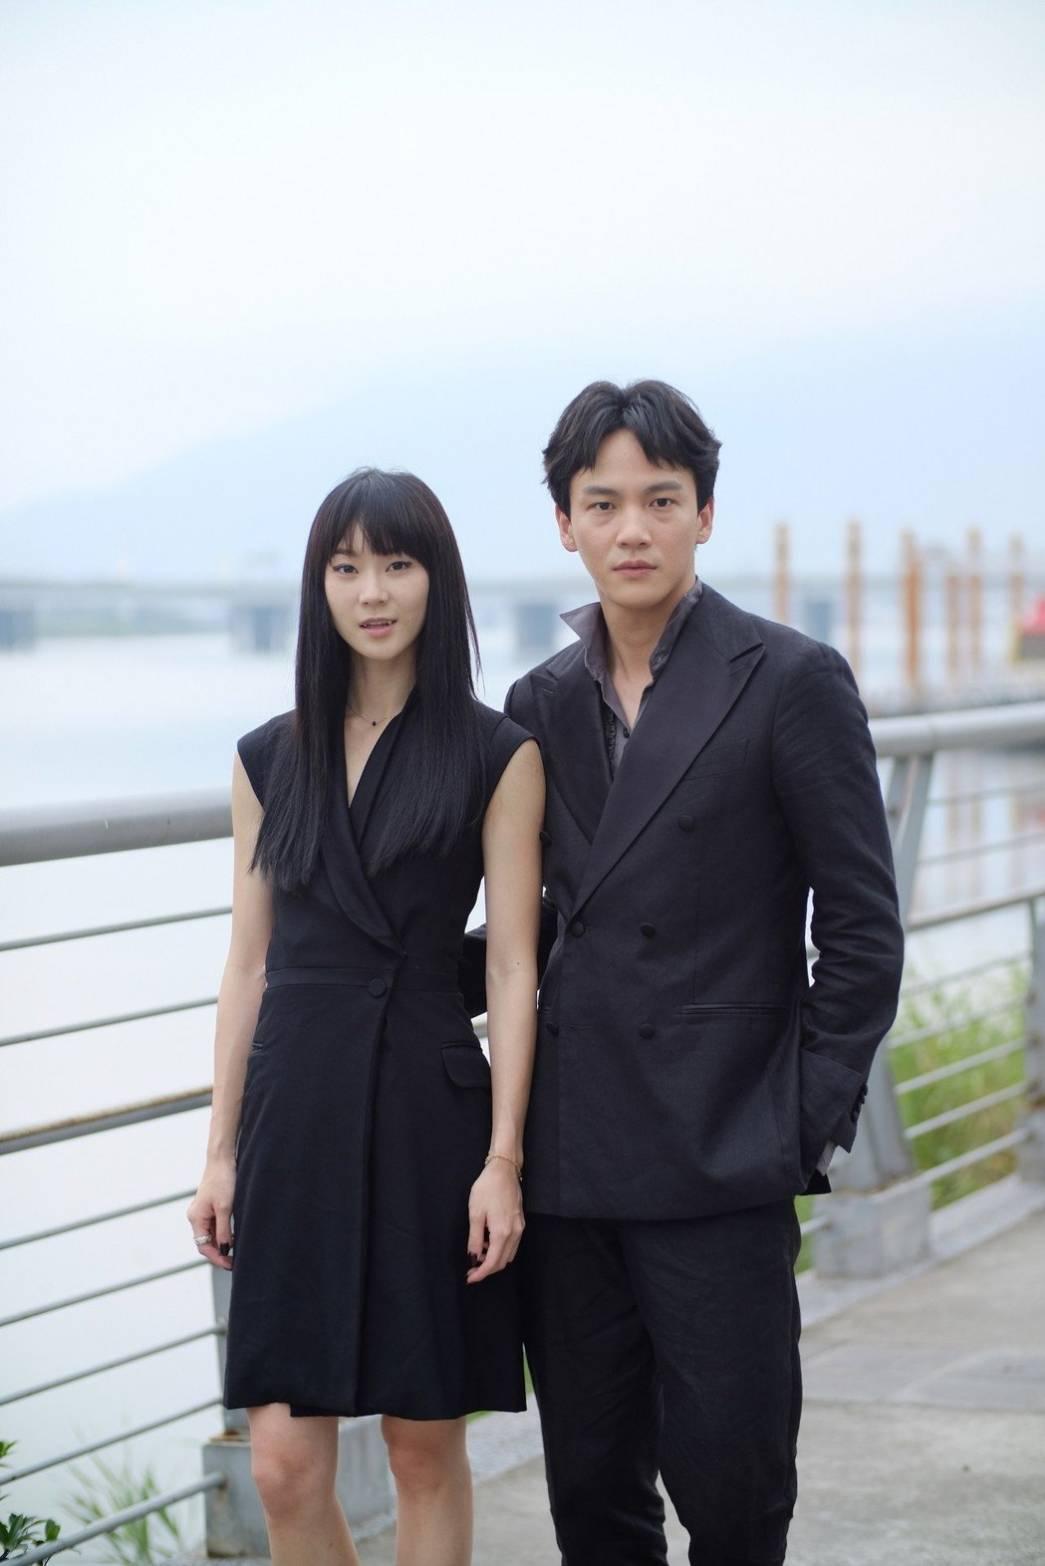 鍾瑶(左)認了與曹晏豪「嘗試交往中」。圖/光譜映像提供